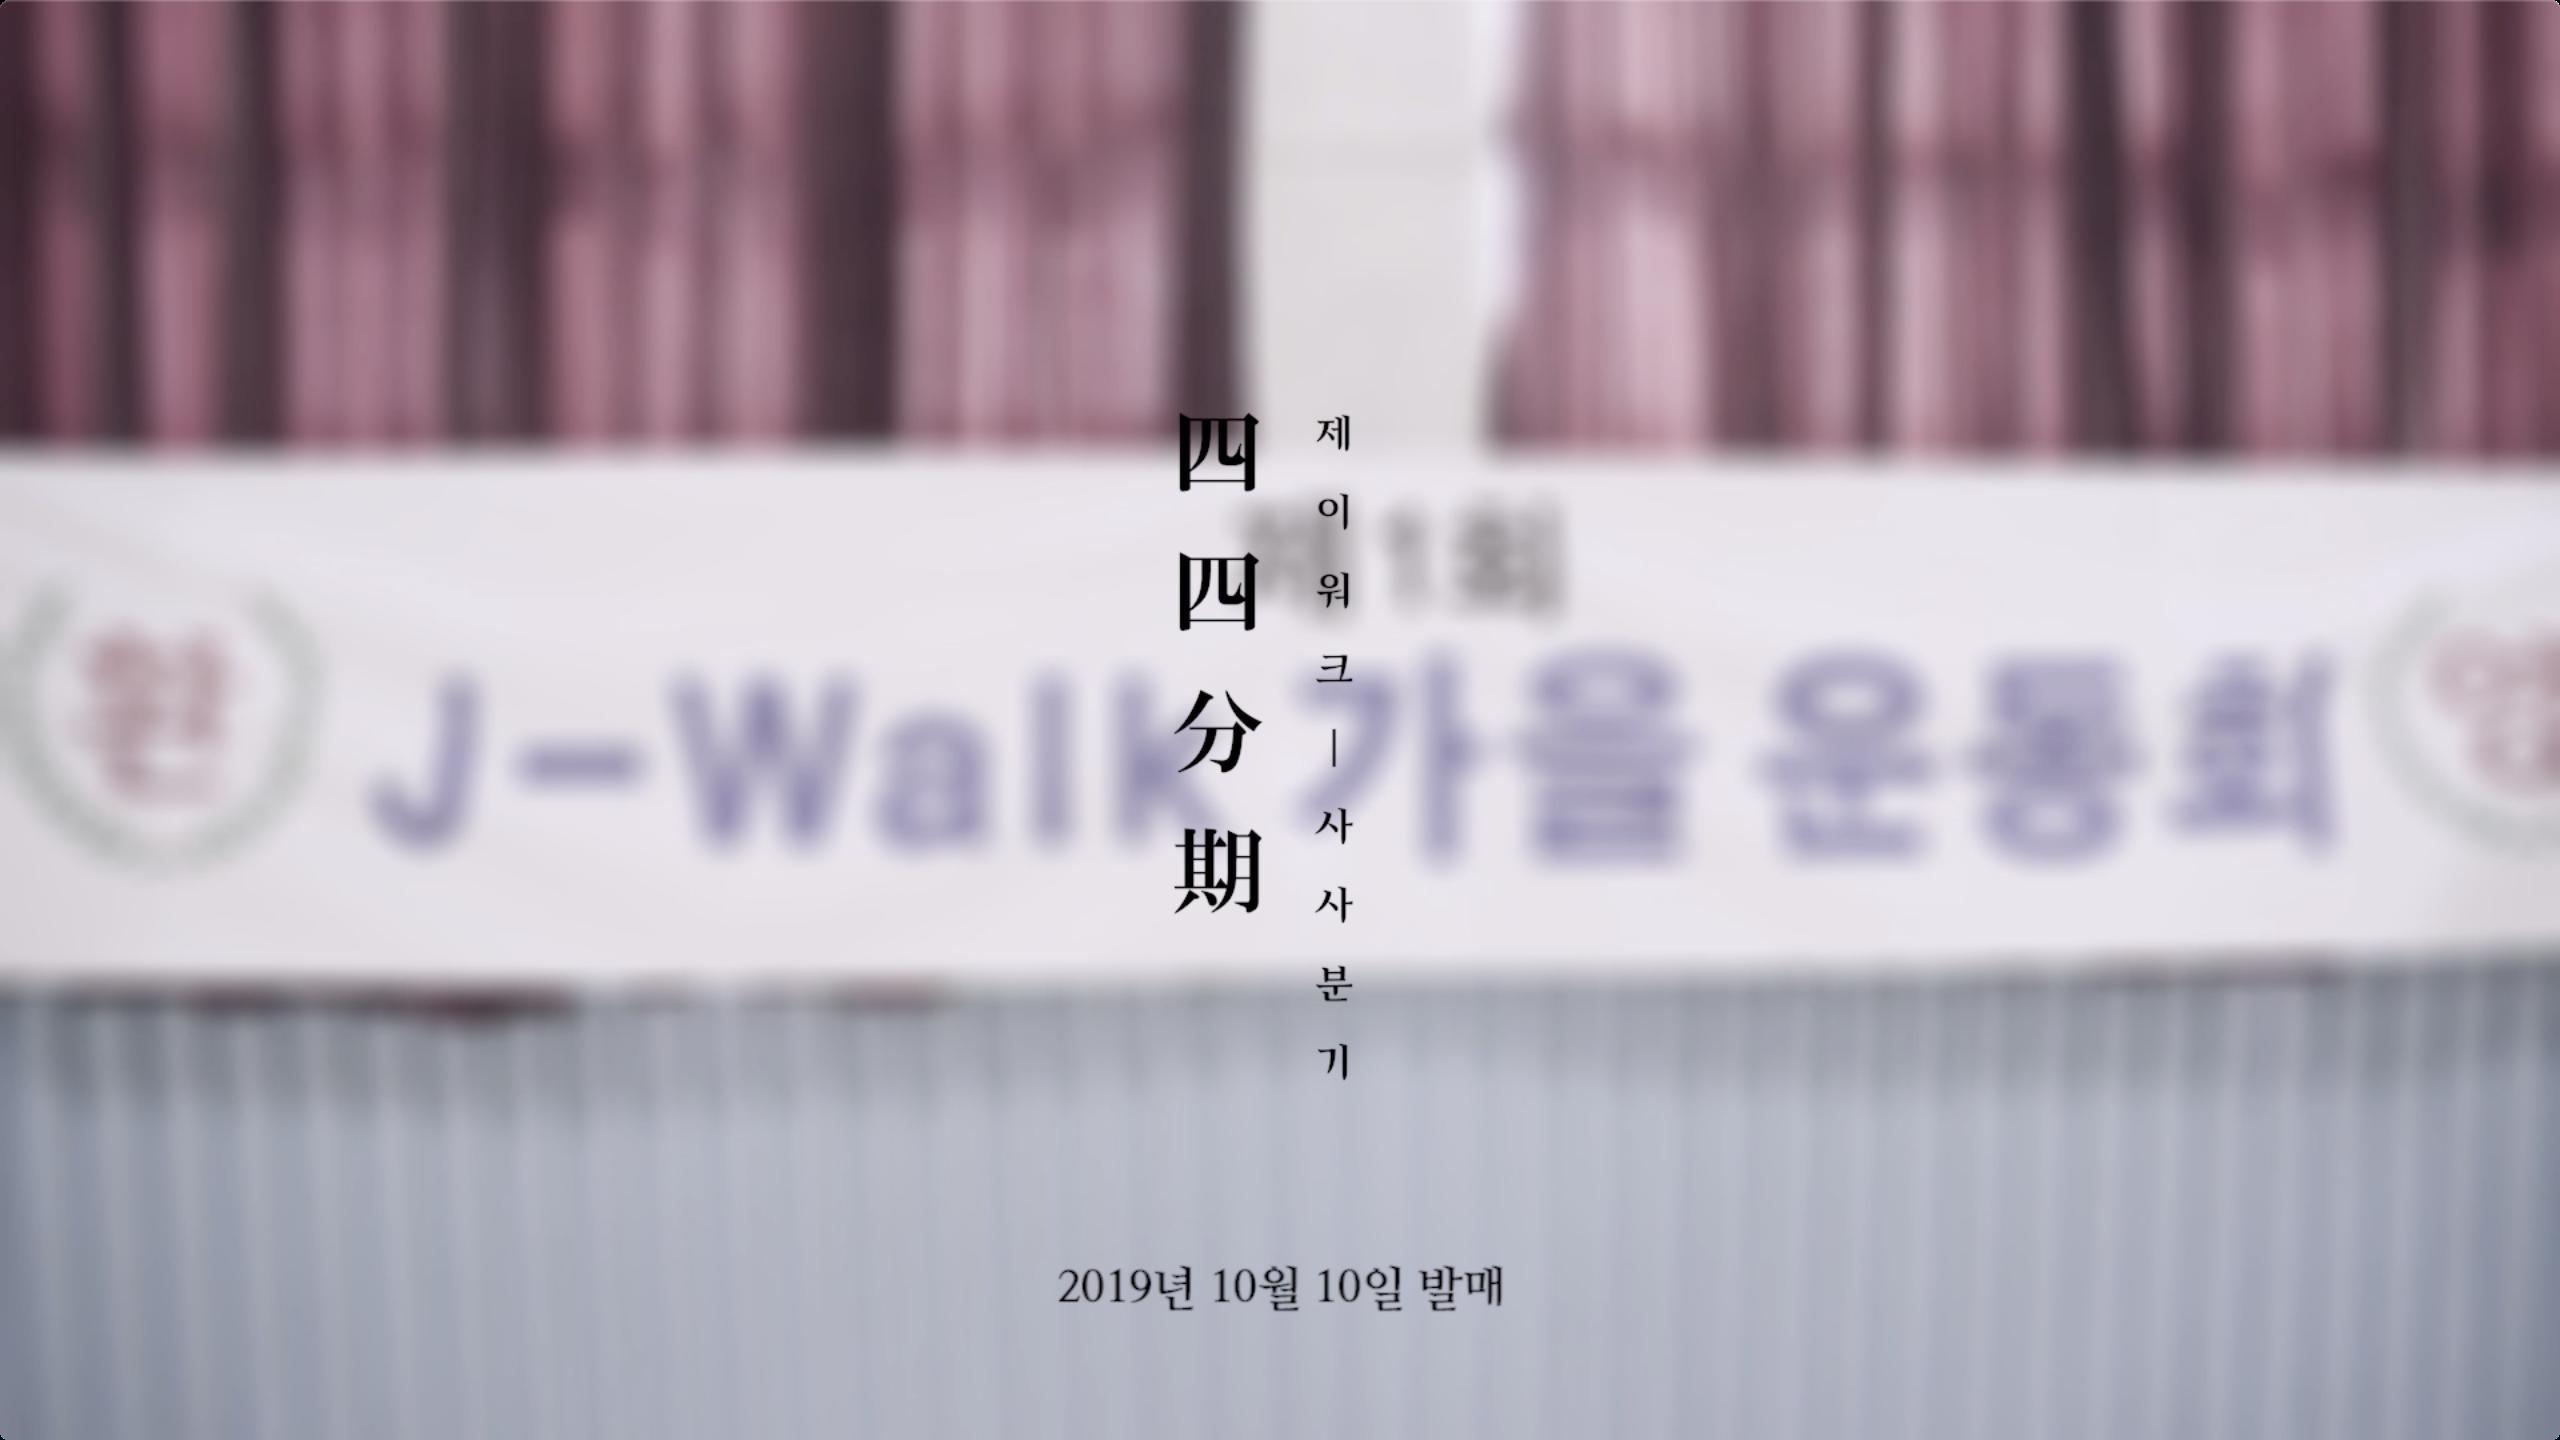 J-WALK - 四四分期 (사사분기) 가을운동회 TEASER